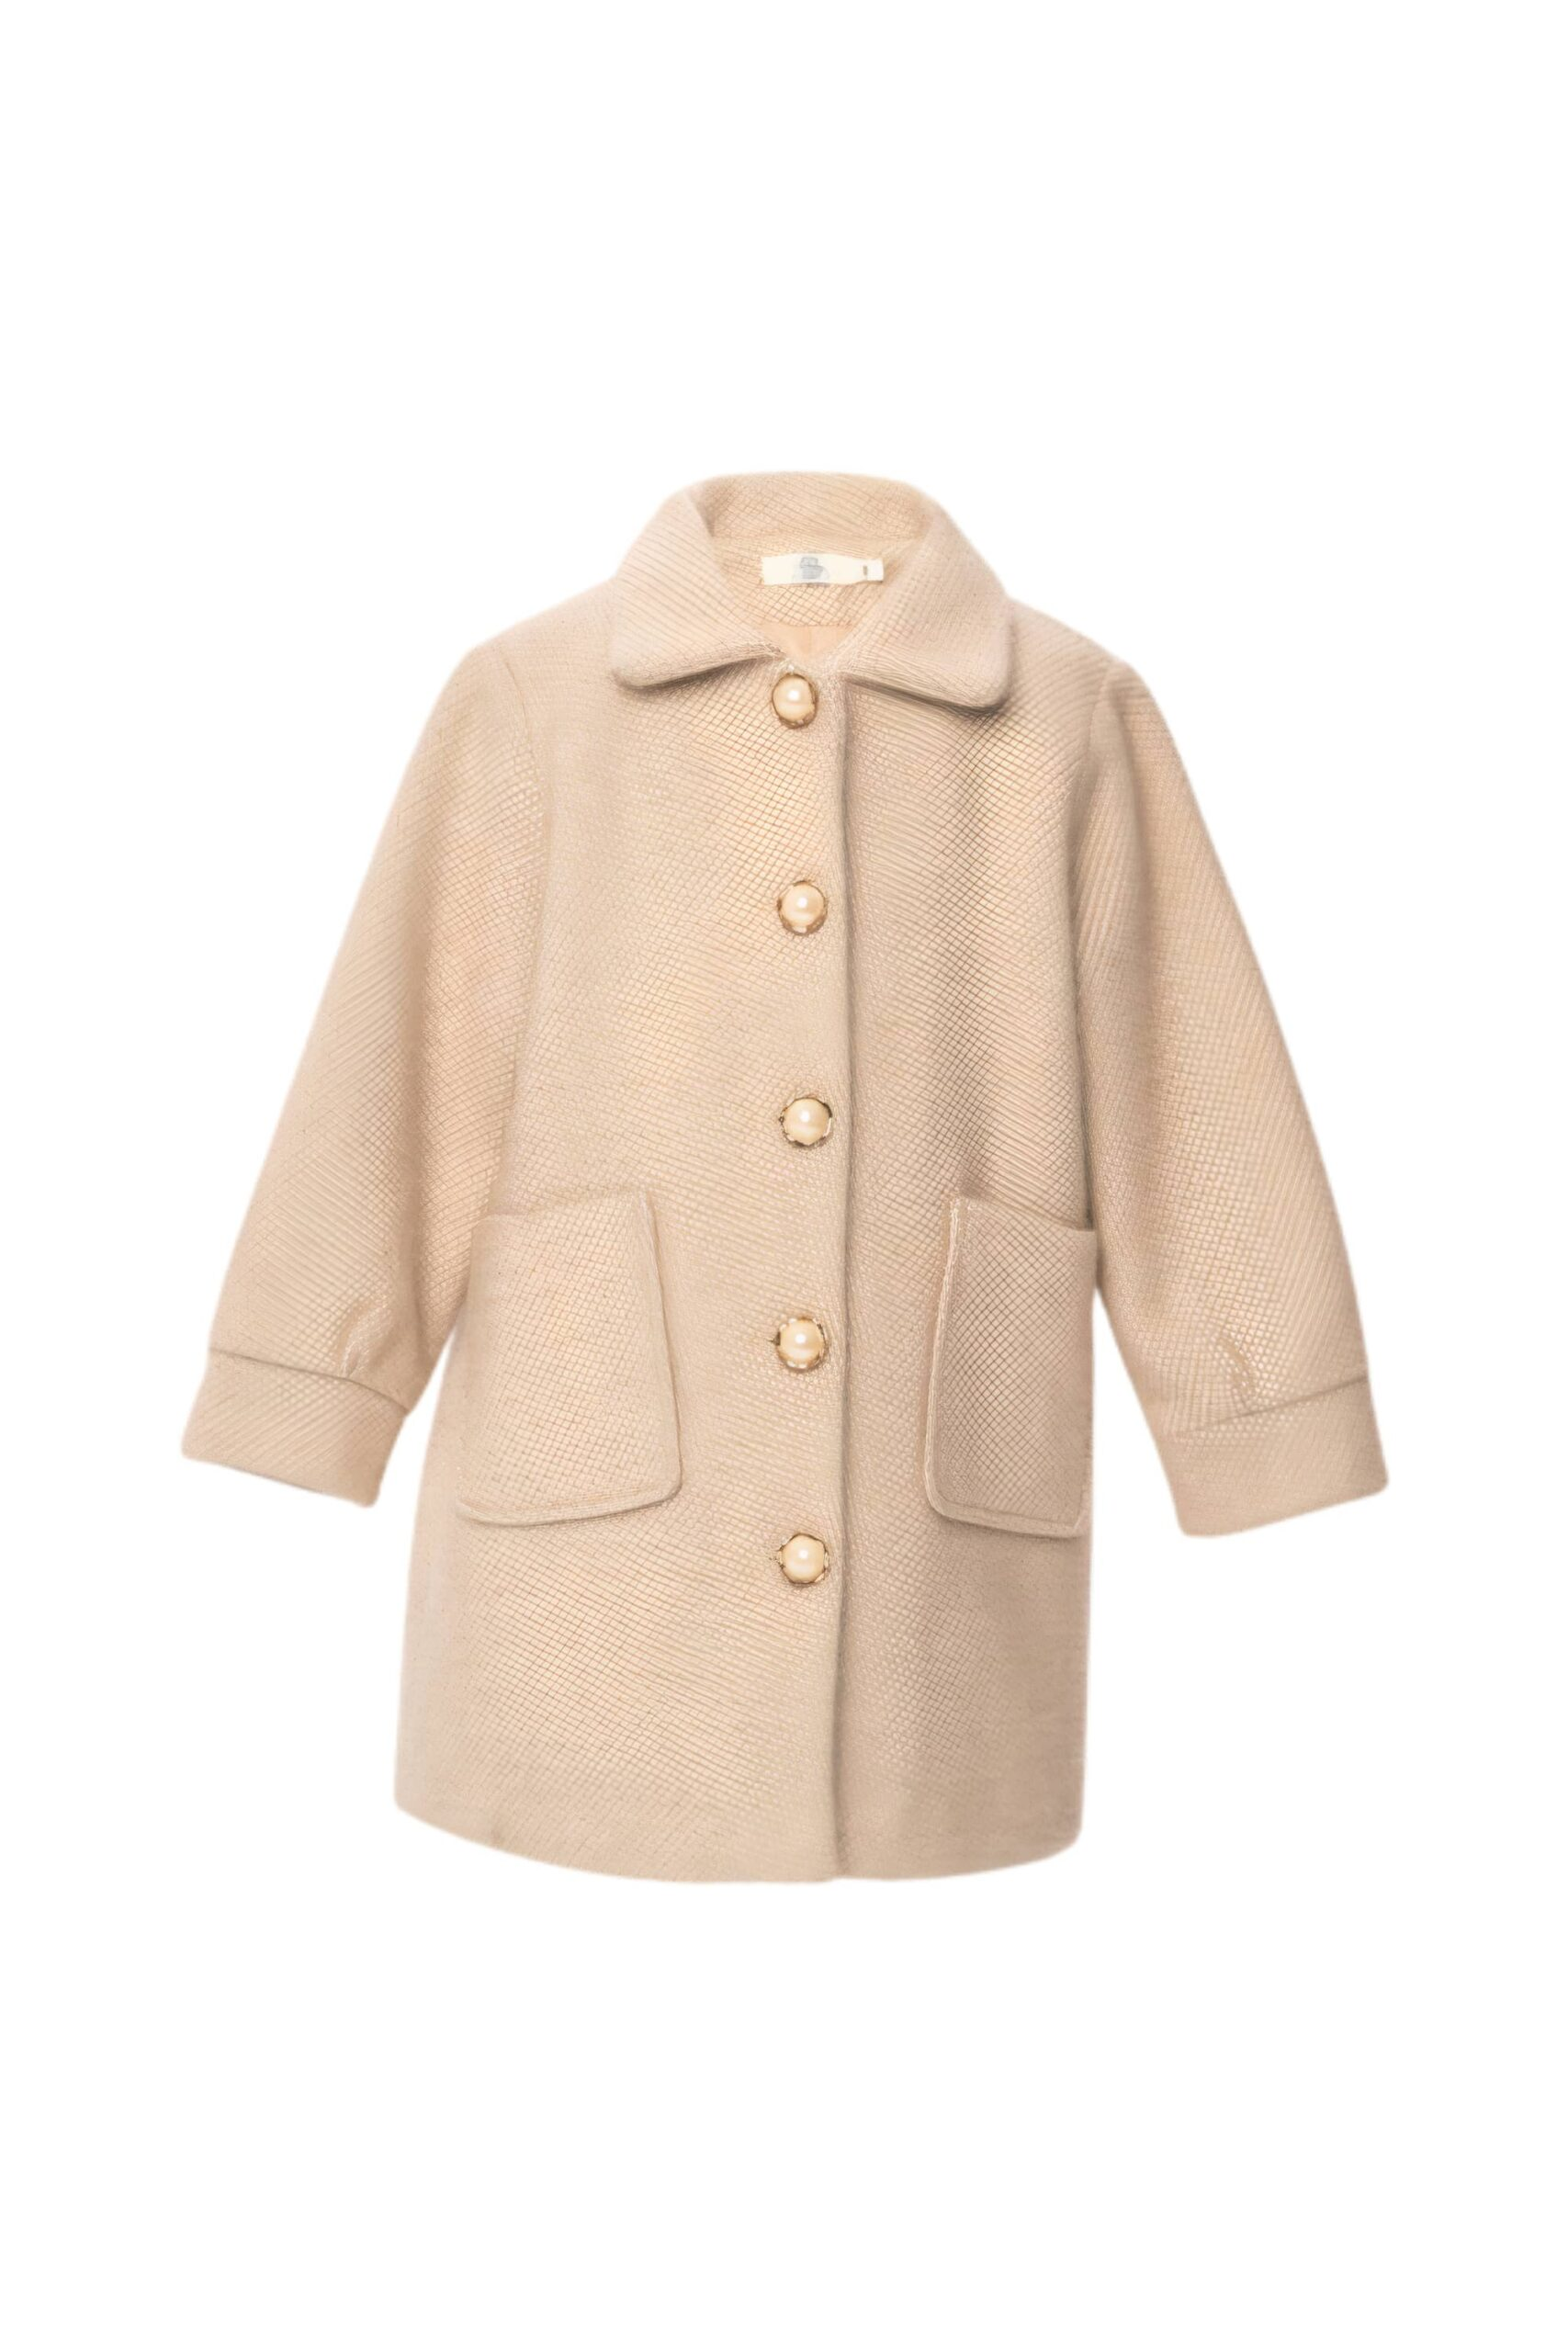 Пальто для девочки бежевое